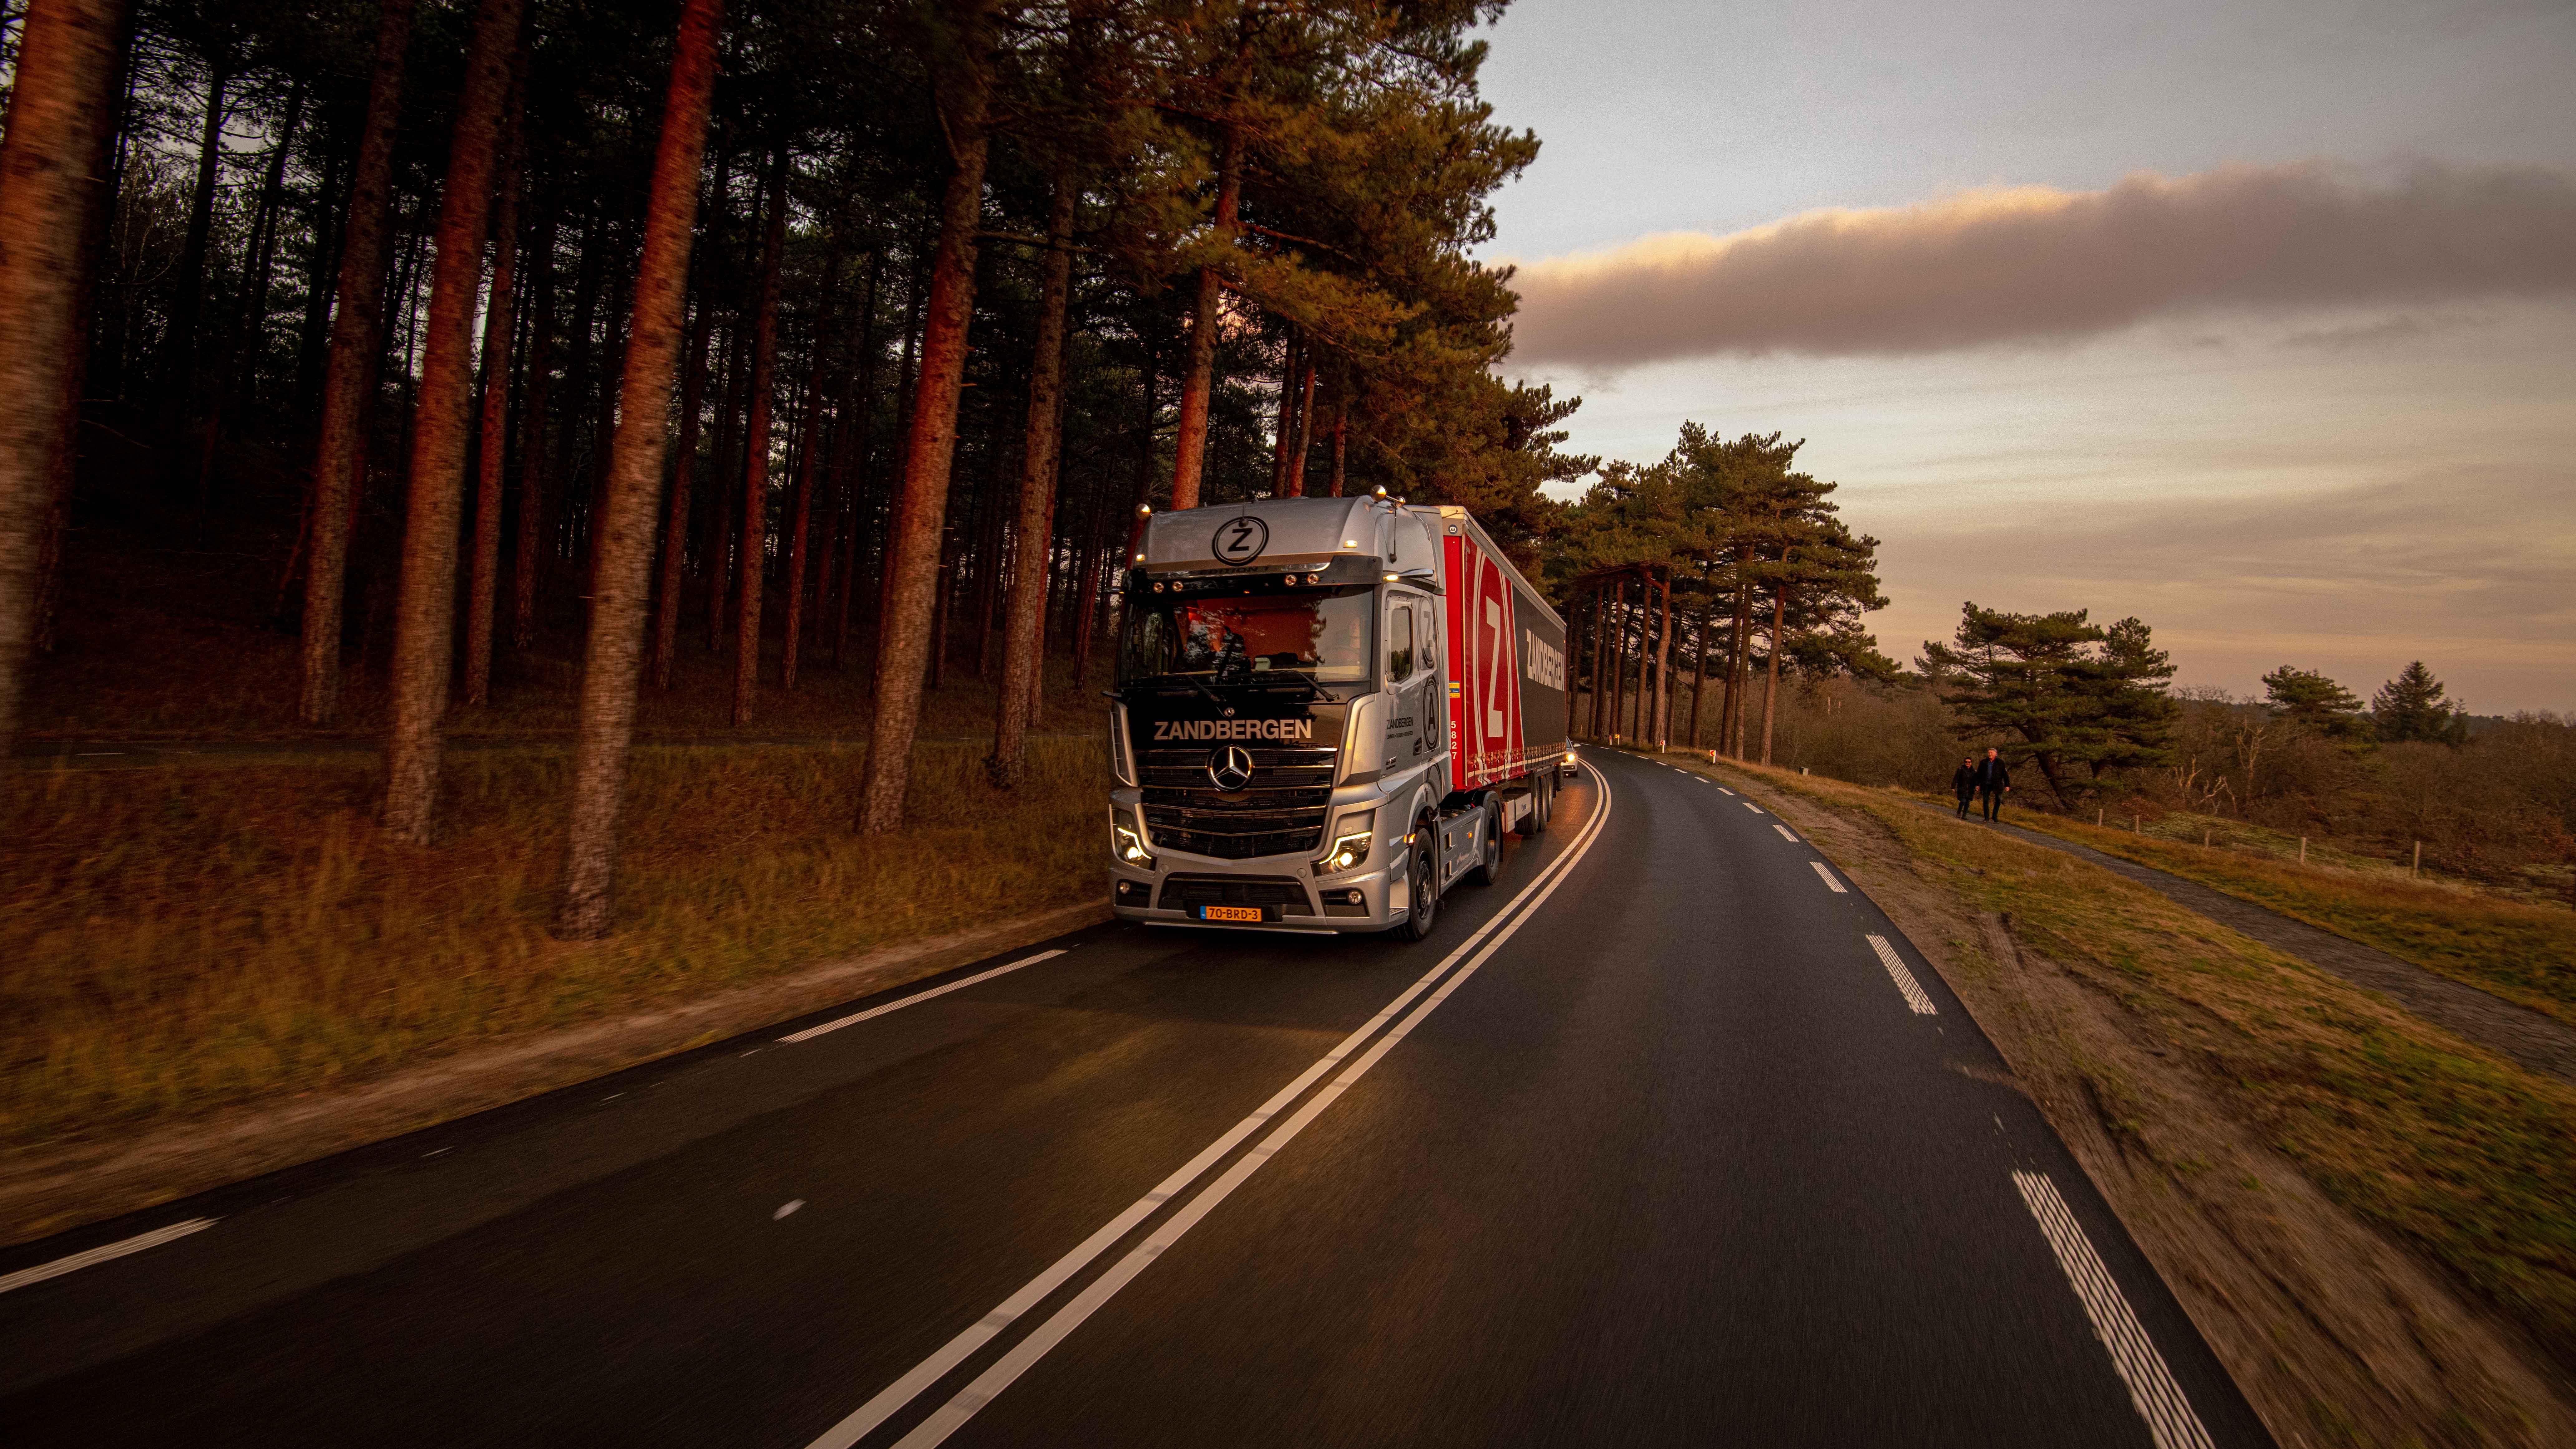 Nummer 175 is de enige niet rode truck bij Zandbergen Transport